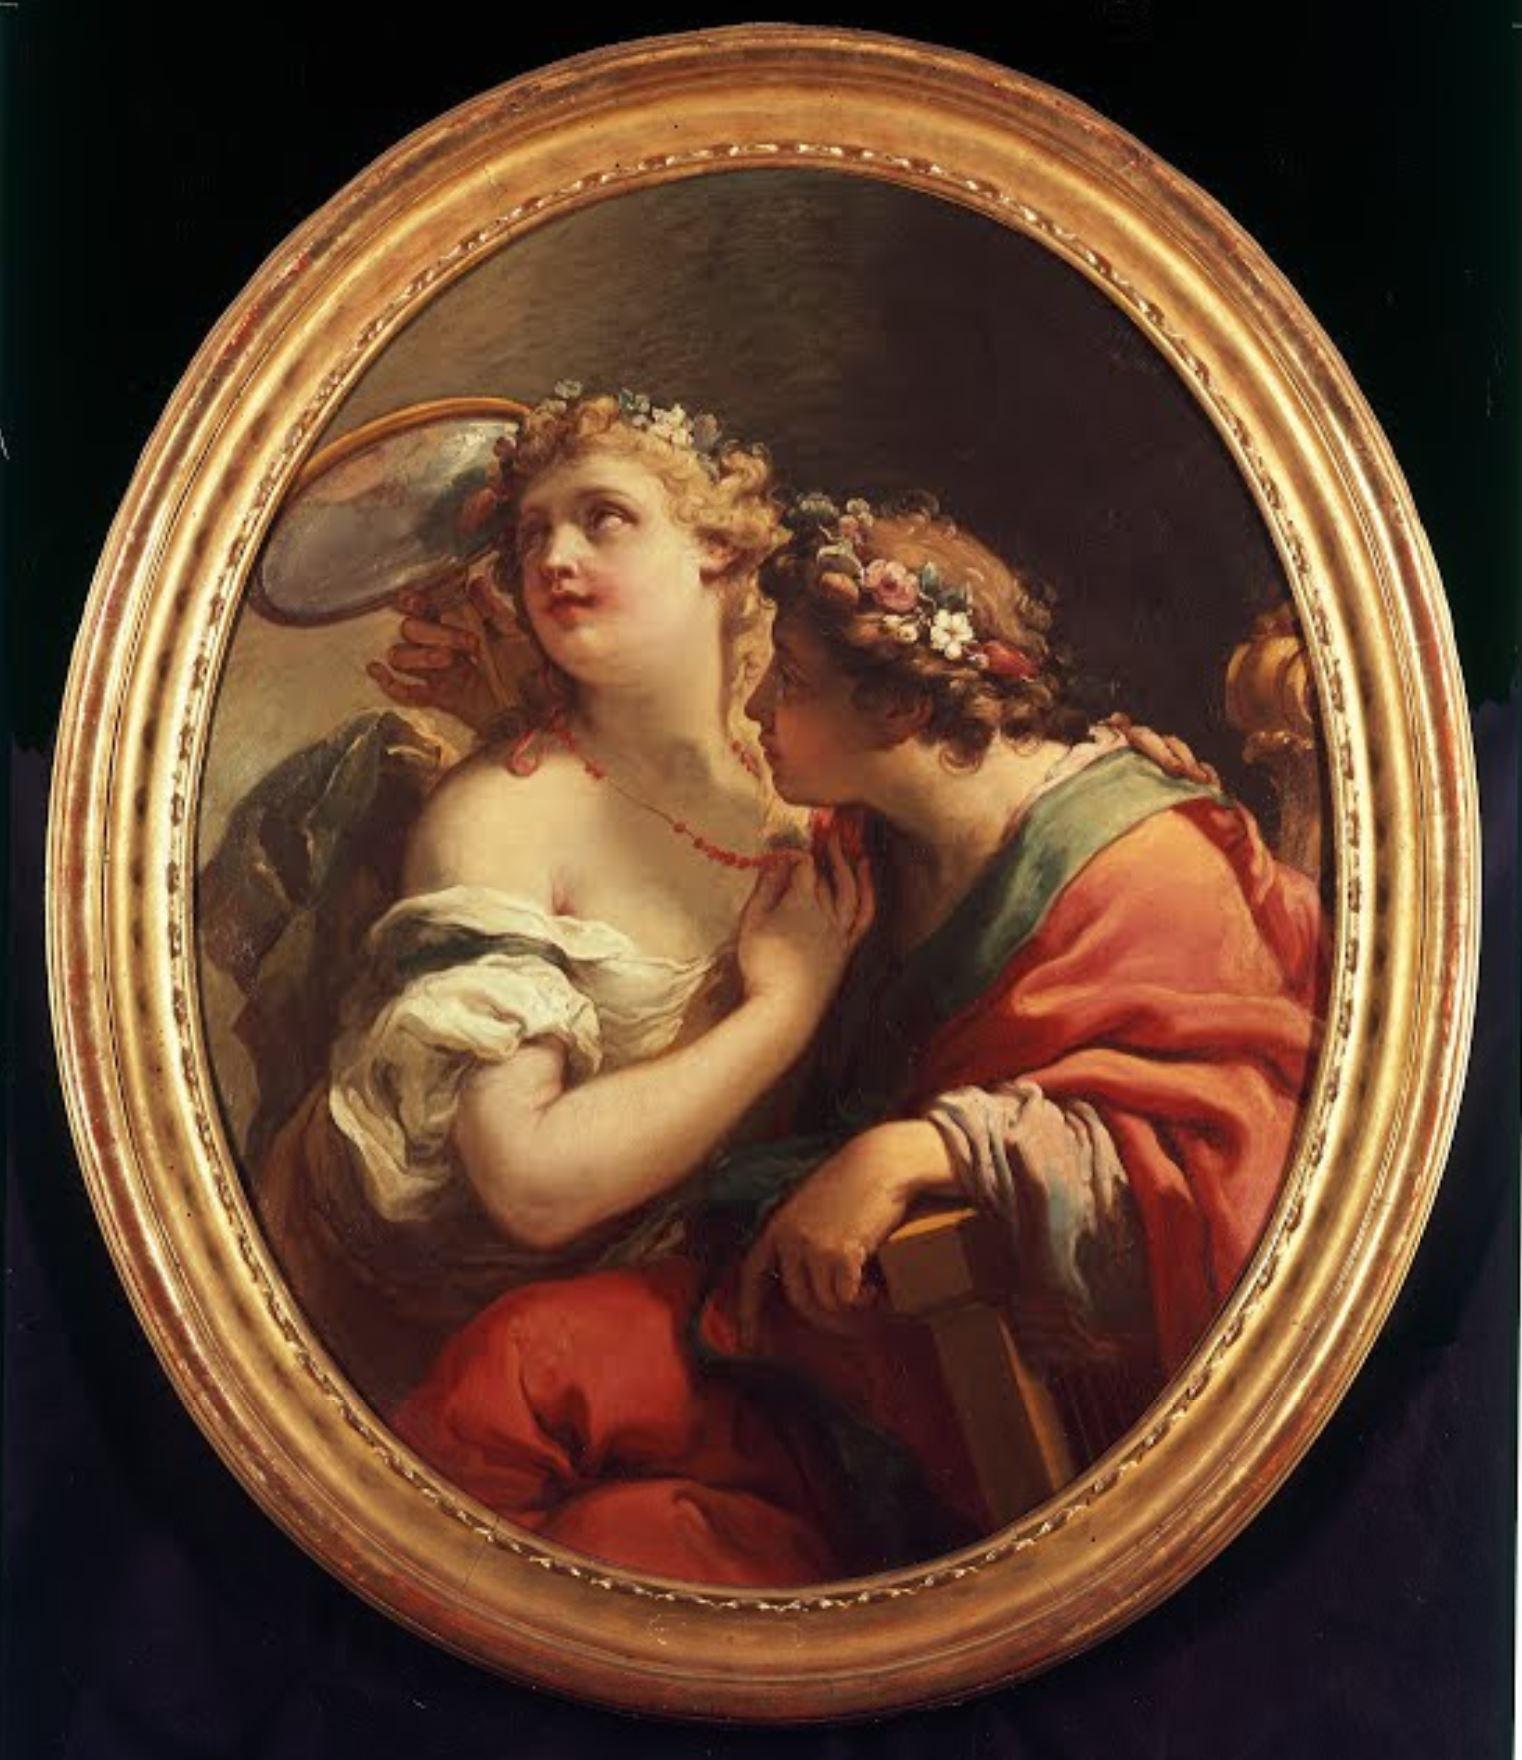 Gaetano Gandolfi 1779 Allegorie de la Beaute Kunsthalle Breme